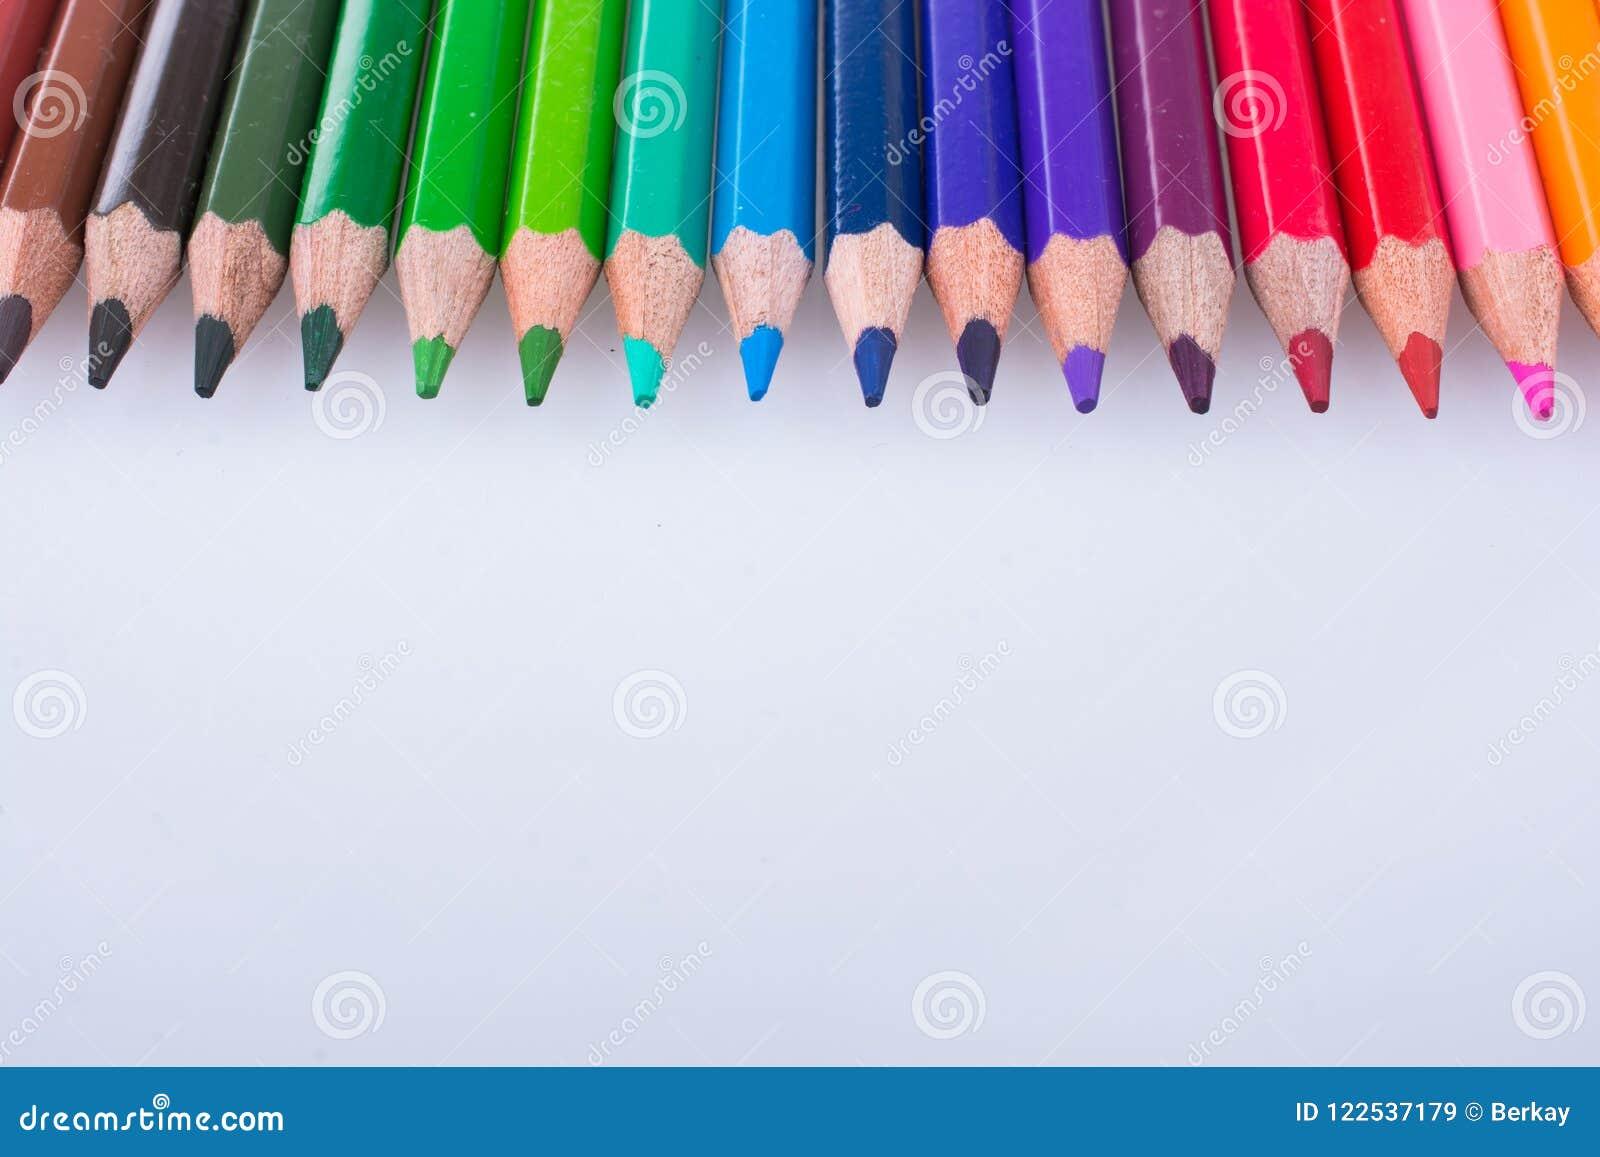 Lápis da cor colocados em um fundo branco